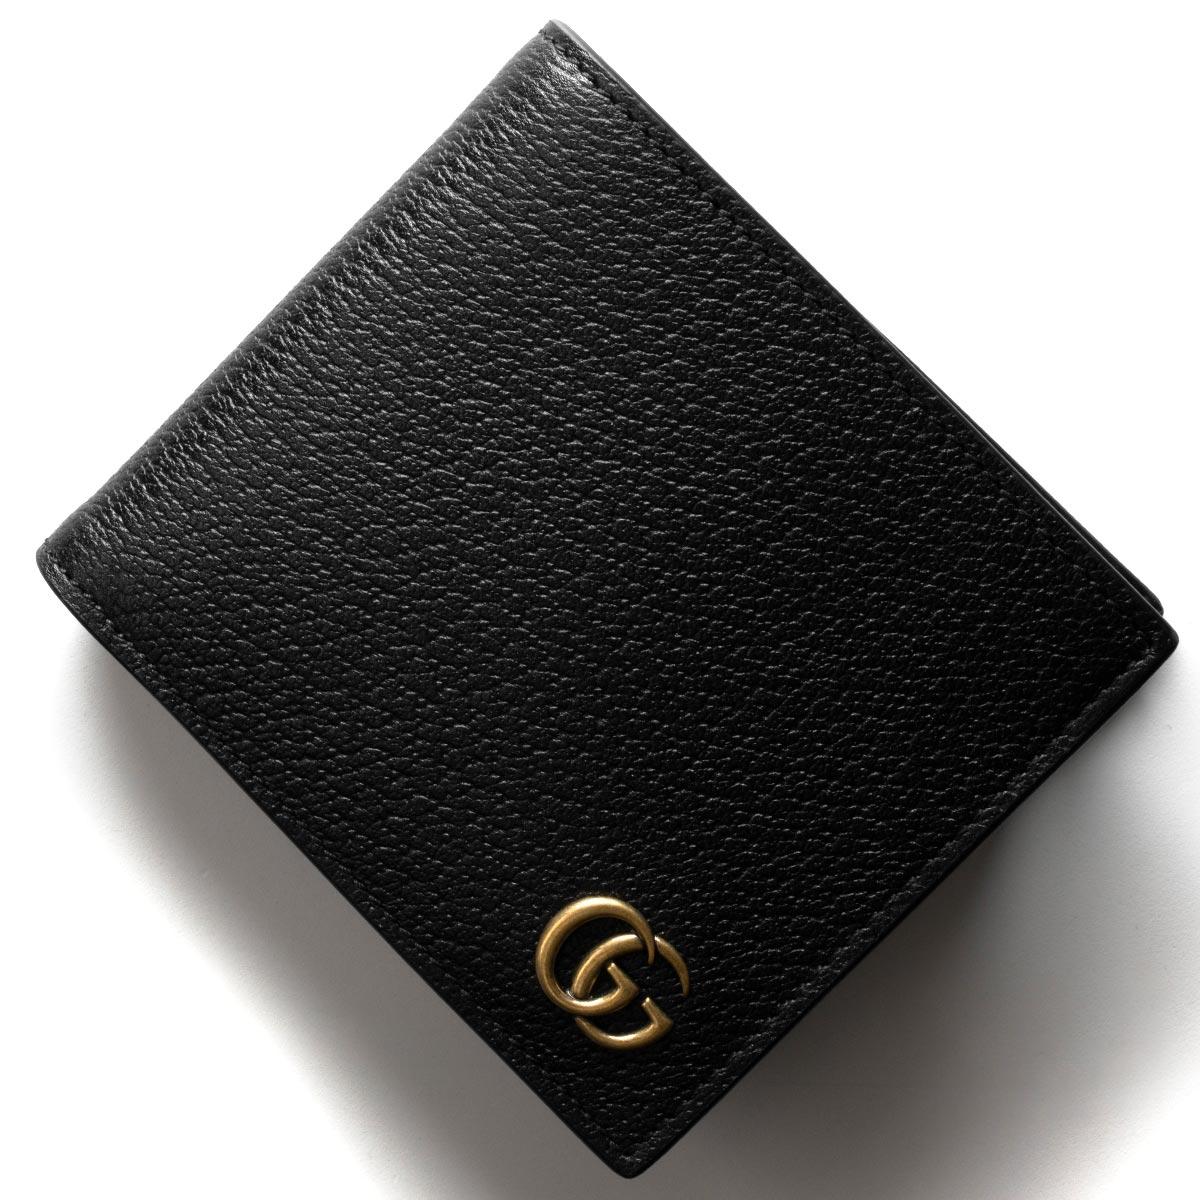 142912e175d6 グッチ 二つ折財布 財布 メンズ GGマーモント ブラック 428725 DJ20T 1000 GUCCI